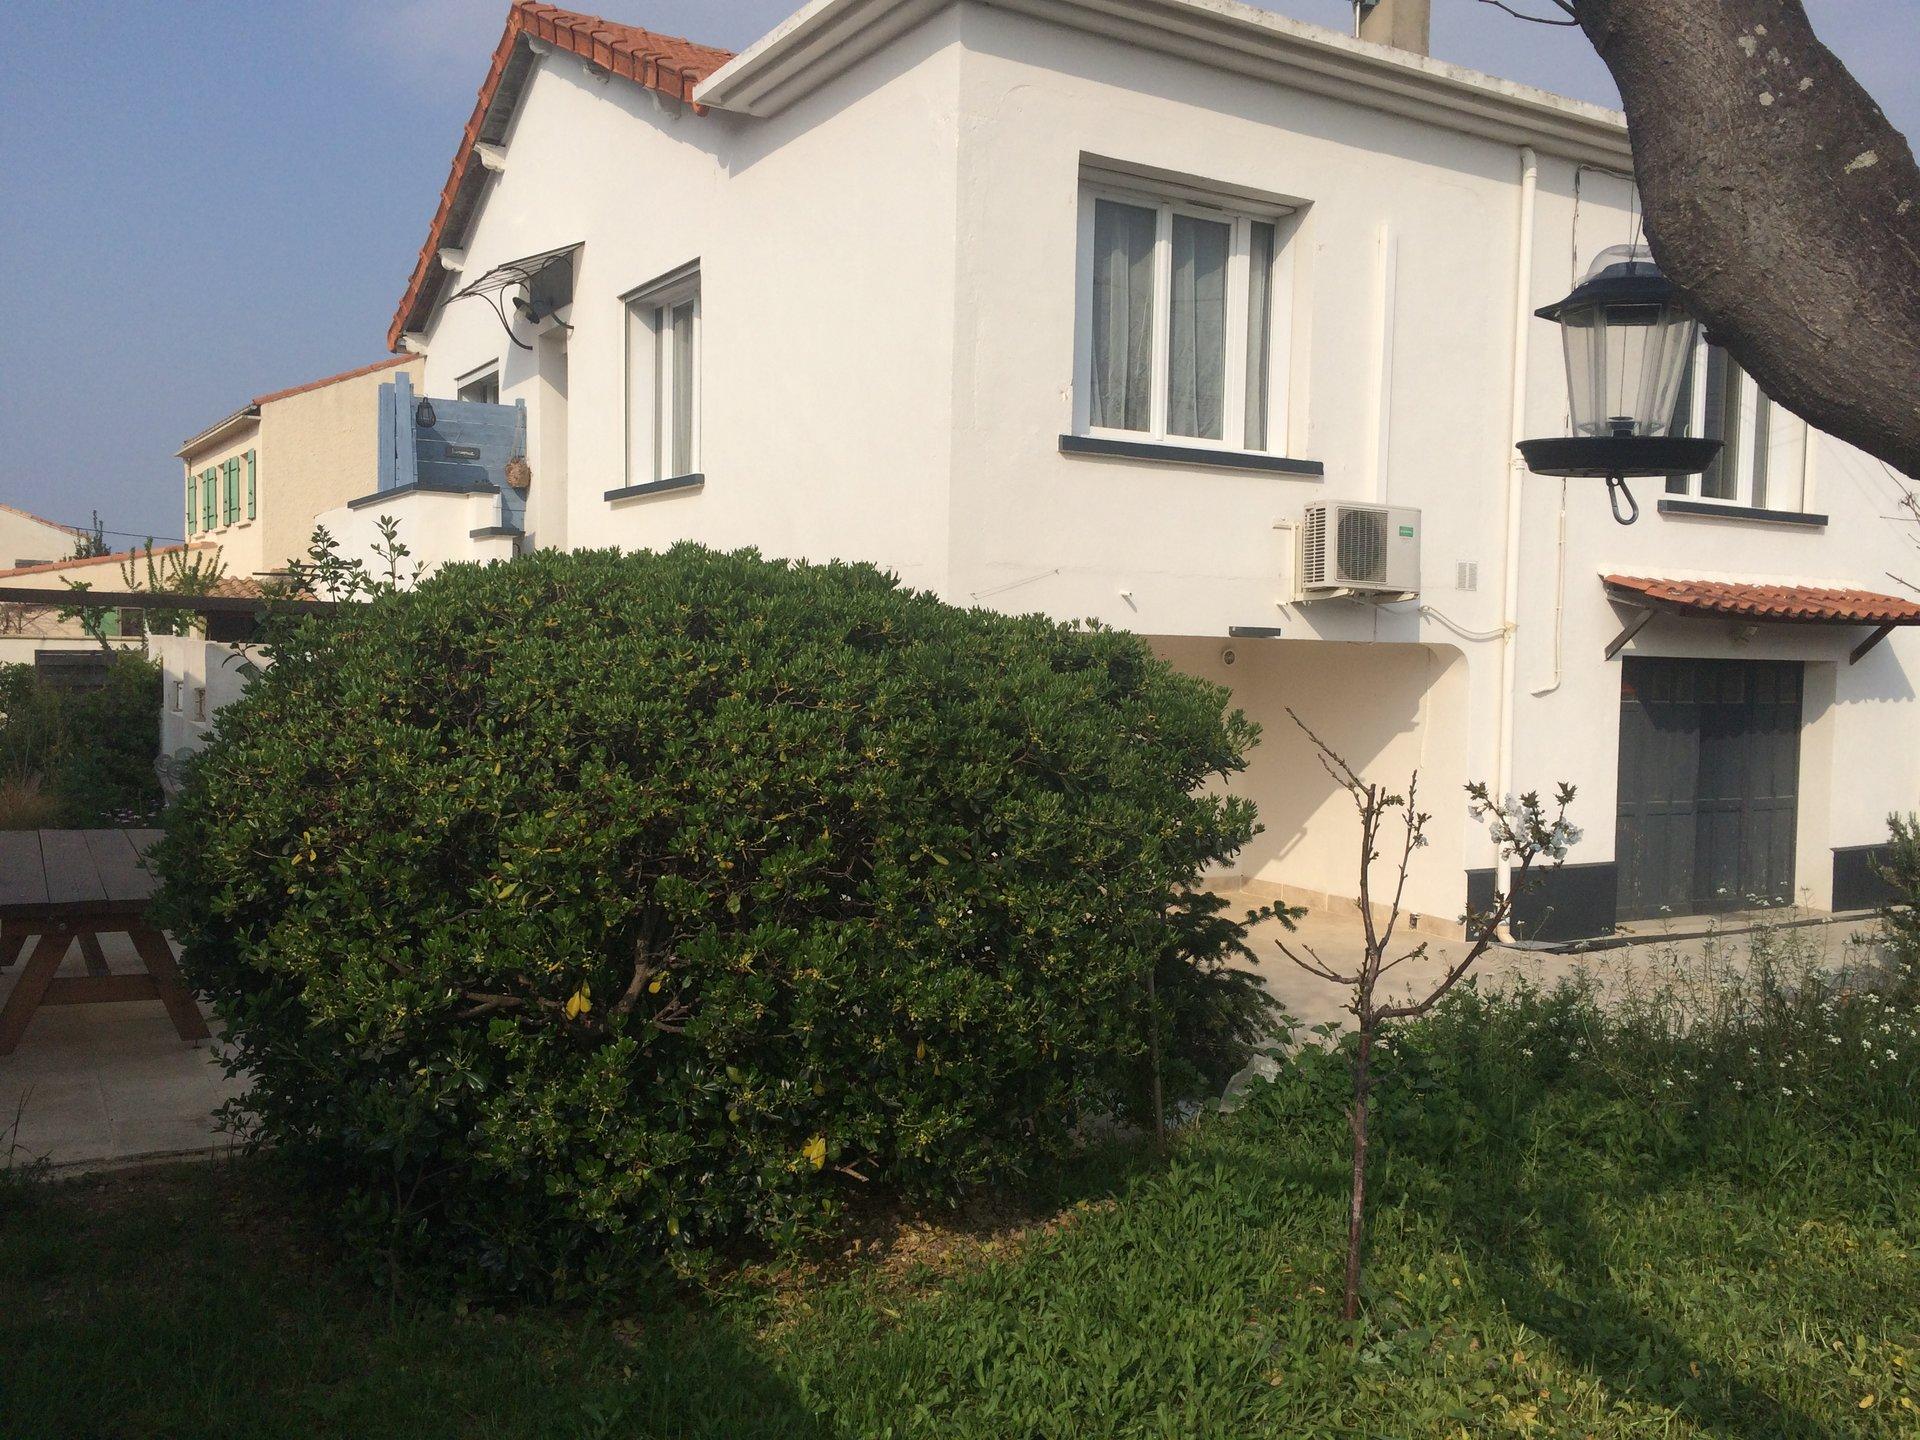 Maison T4 - GARAGE